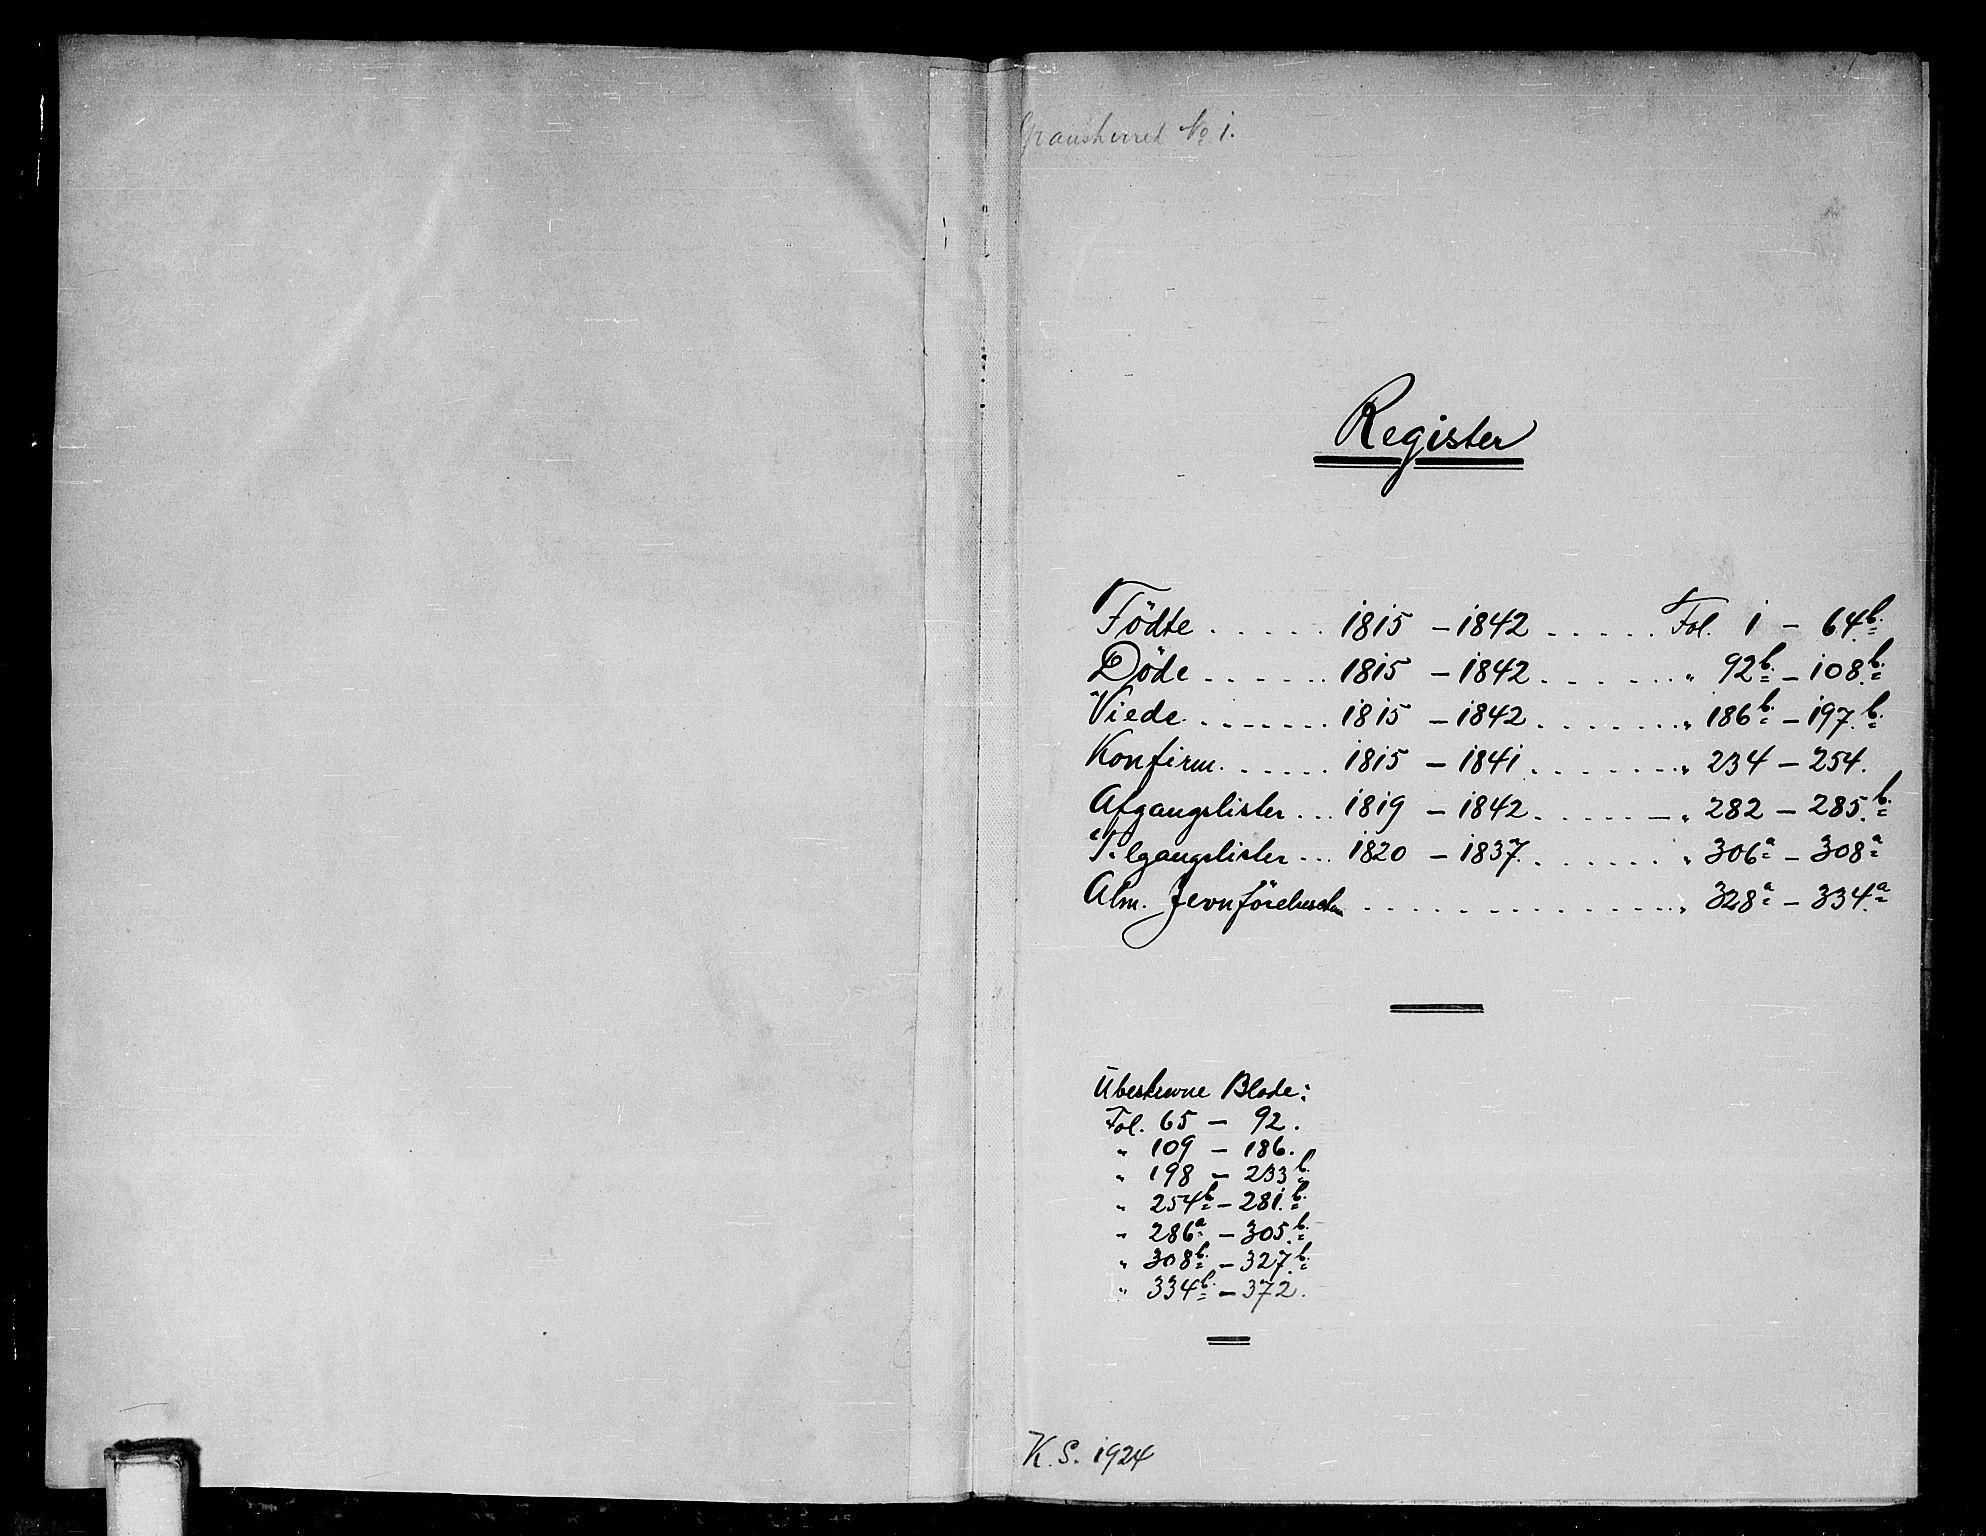 SAKO, Gransherad kirkebøker, G/Ga/L0001: Klokkerbok nr. I 1, 1815-1842